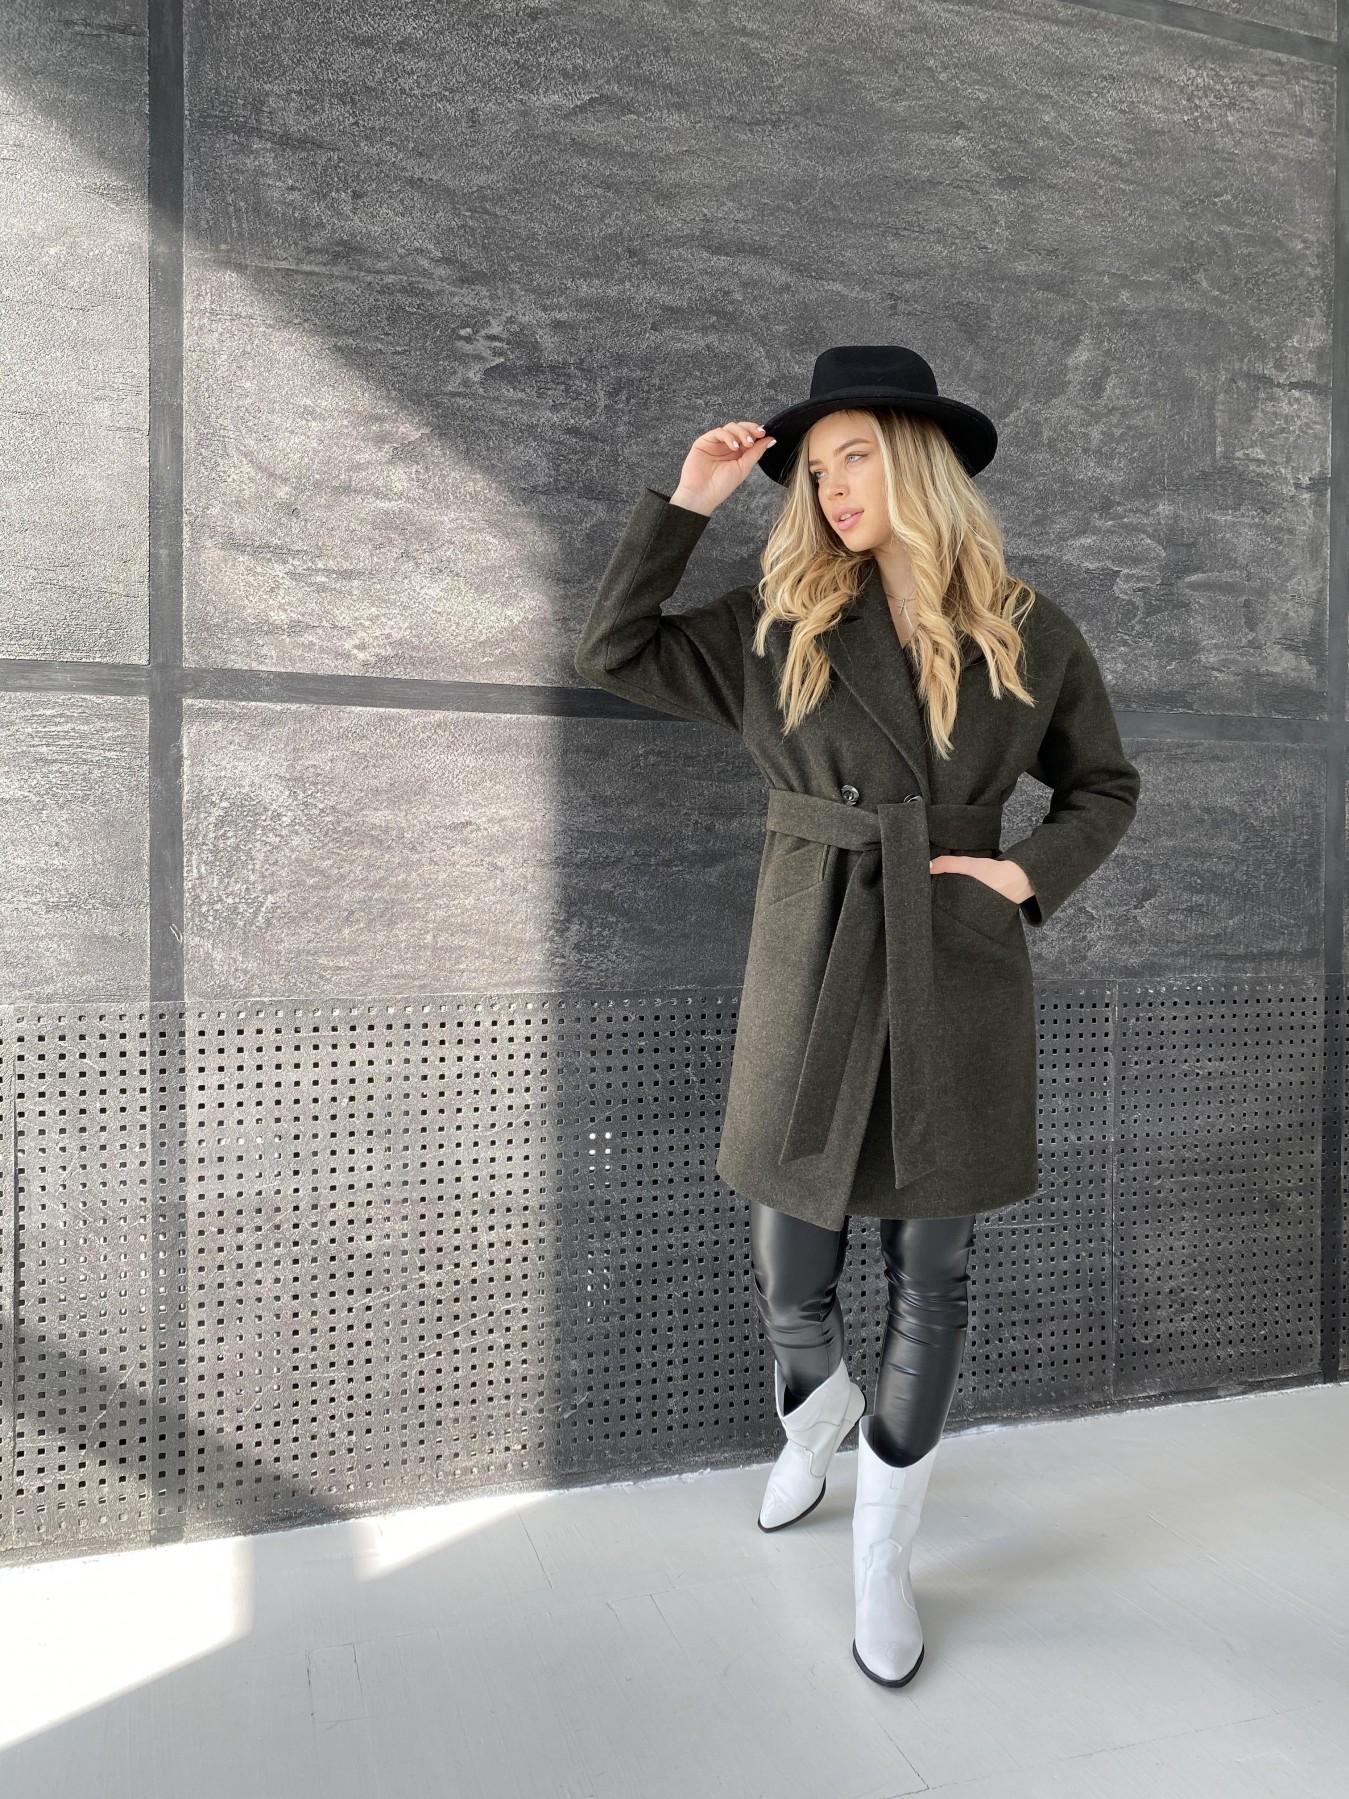 Сенсей пальто из кашемира меланж  10745 АРТ. 47231 Цвет: Хаки - фото 4, интернет магазин tm-modus.ru